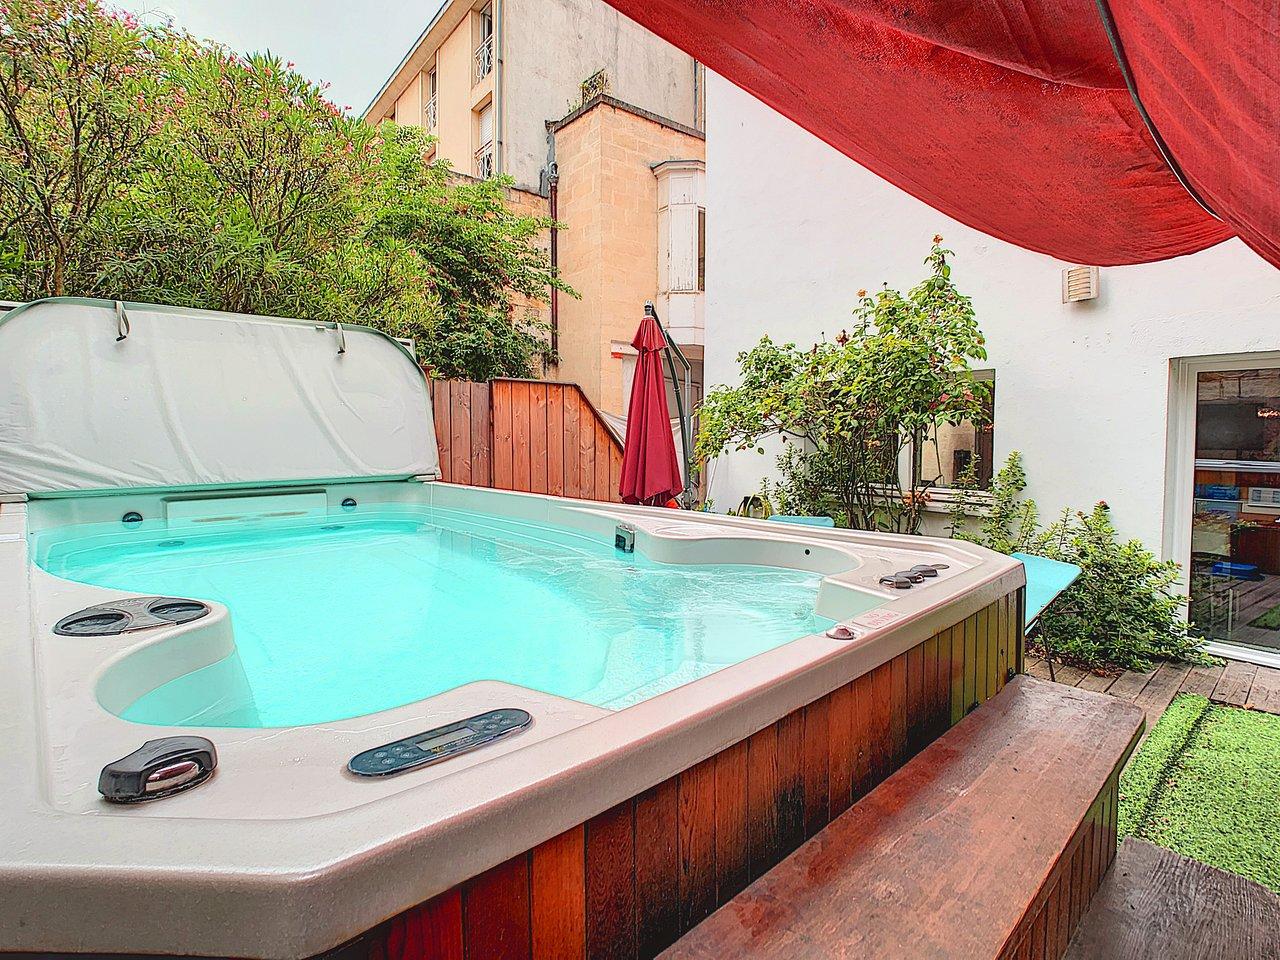 La Maison Des Deux Fées Bordeaux la maison de sebea - prices & condominium reviews (bordeaux